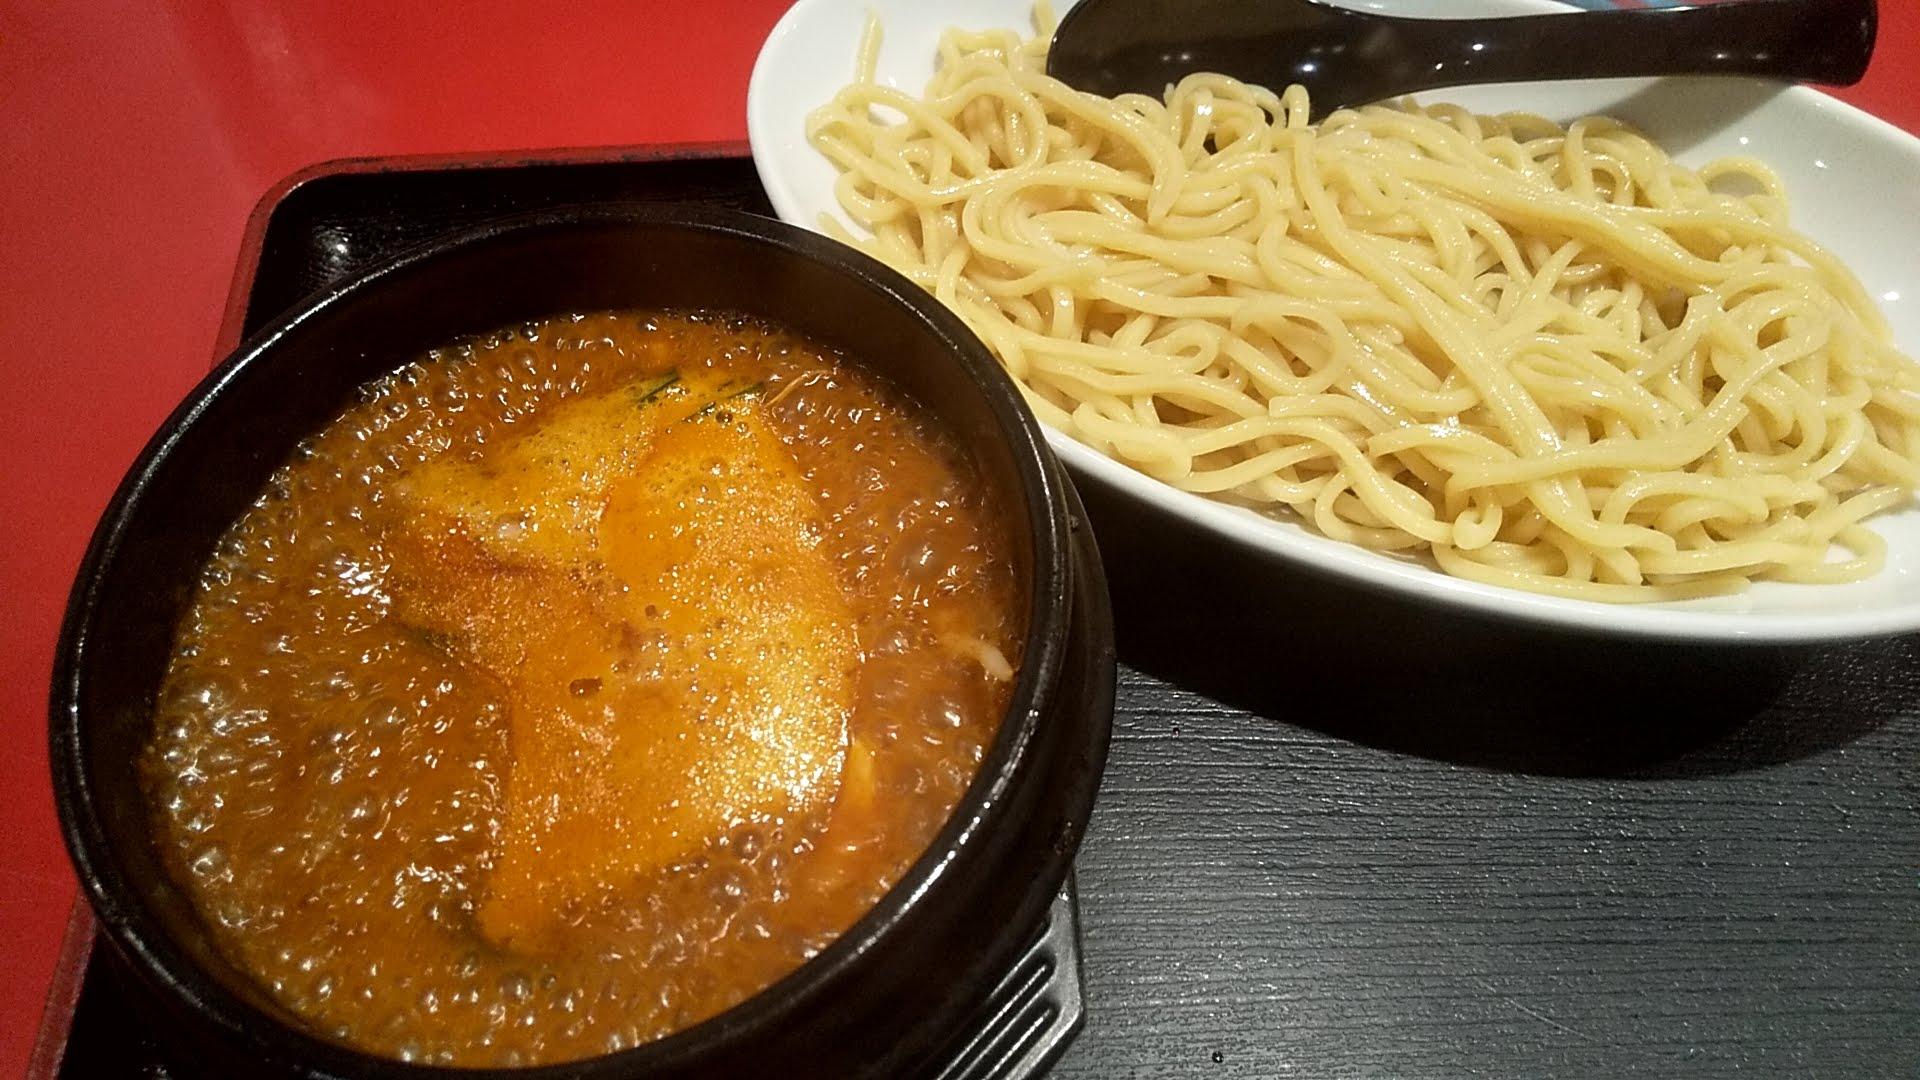 浅草製麺所の石焼チゲつけ麺